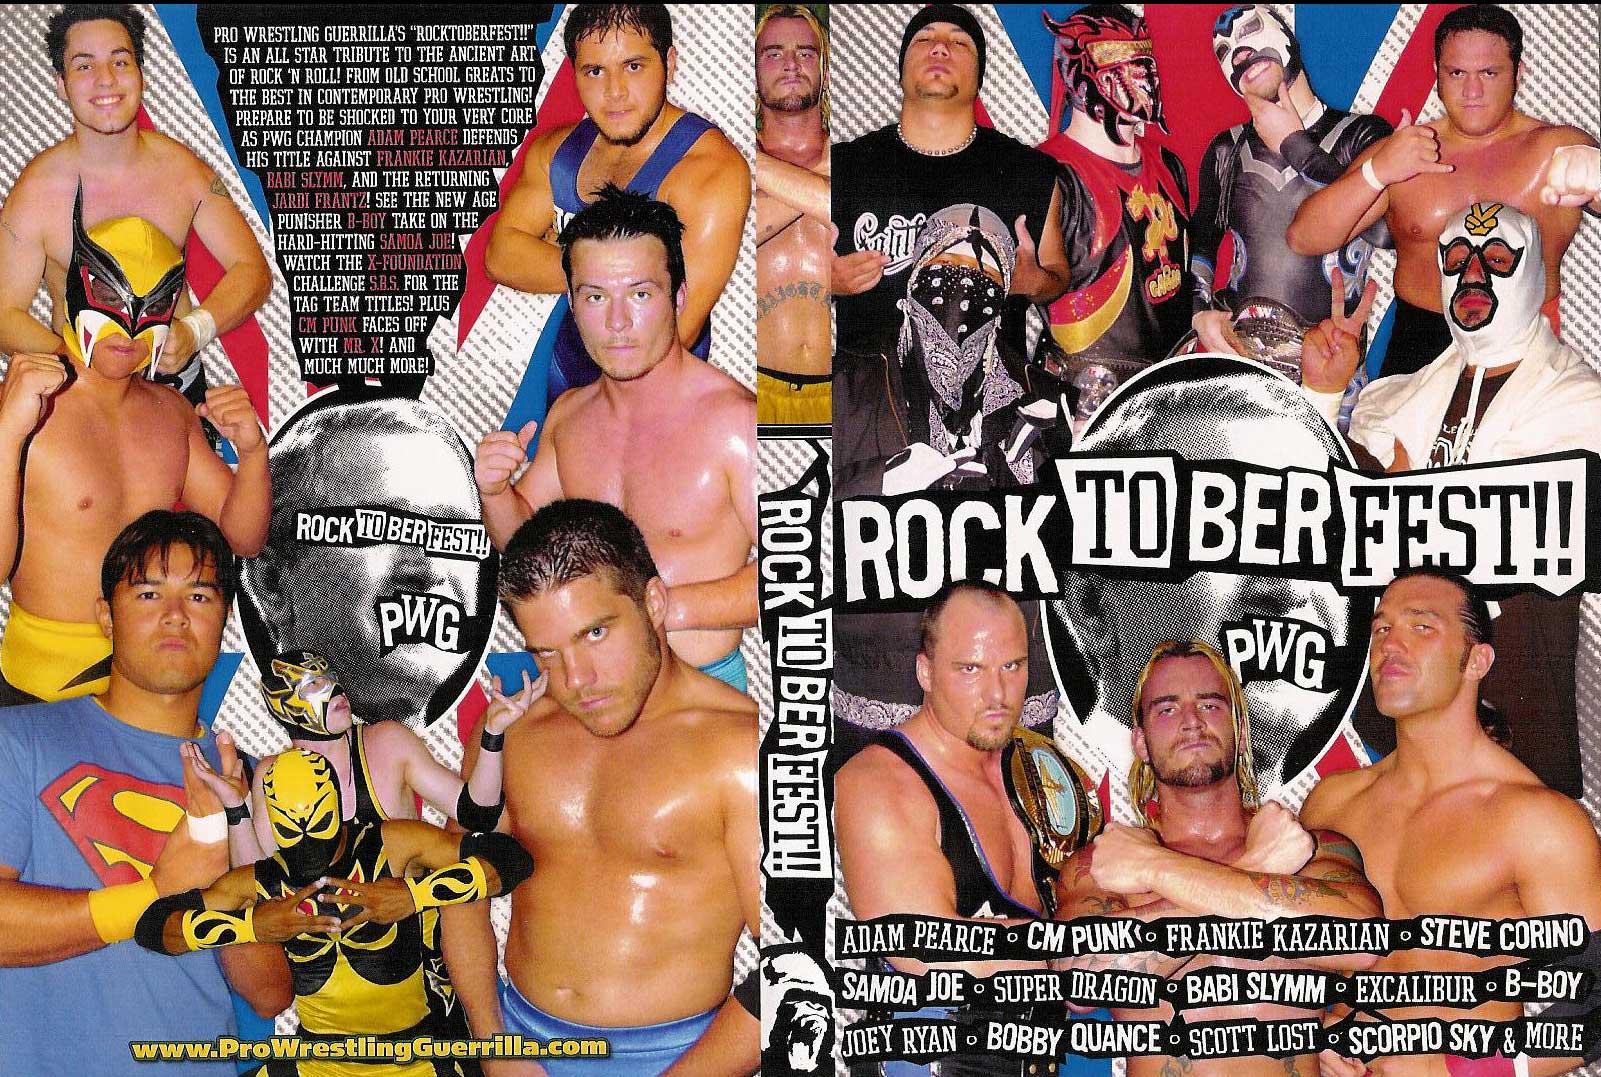 PWG-Rocktoberfest